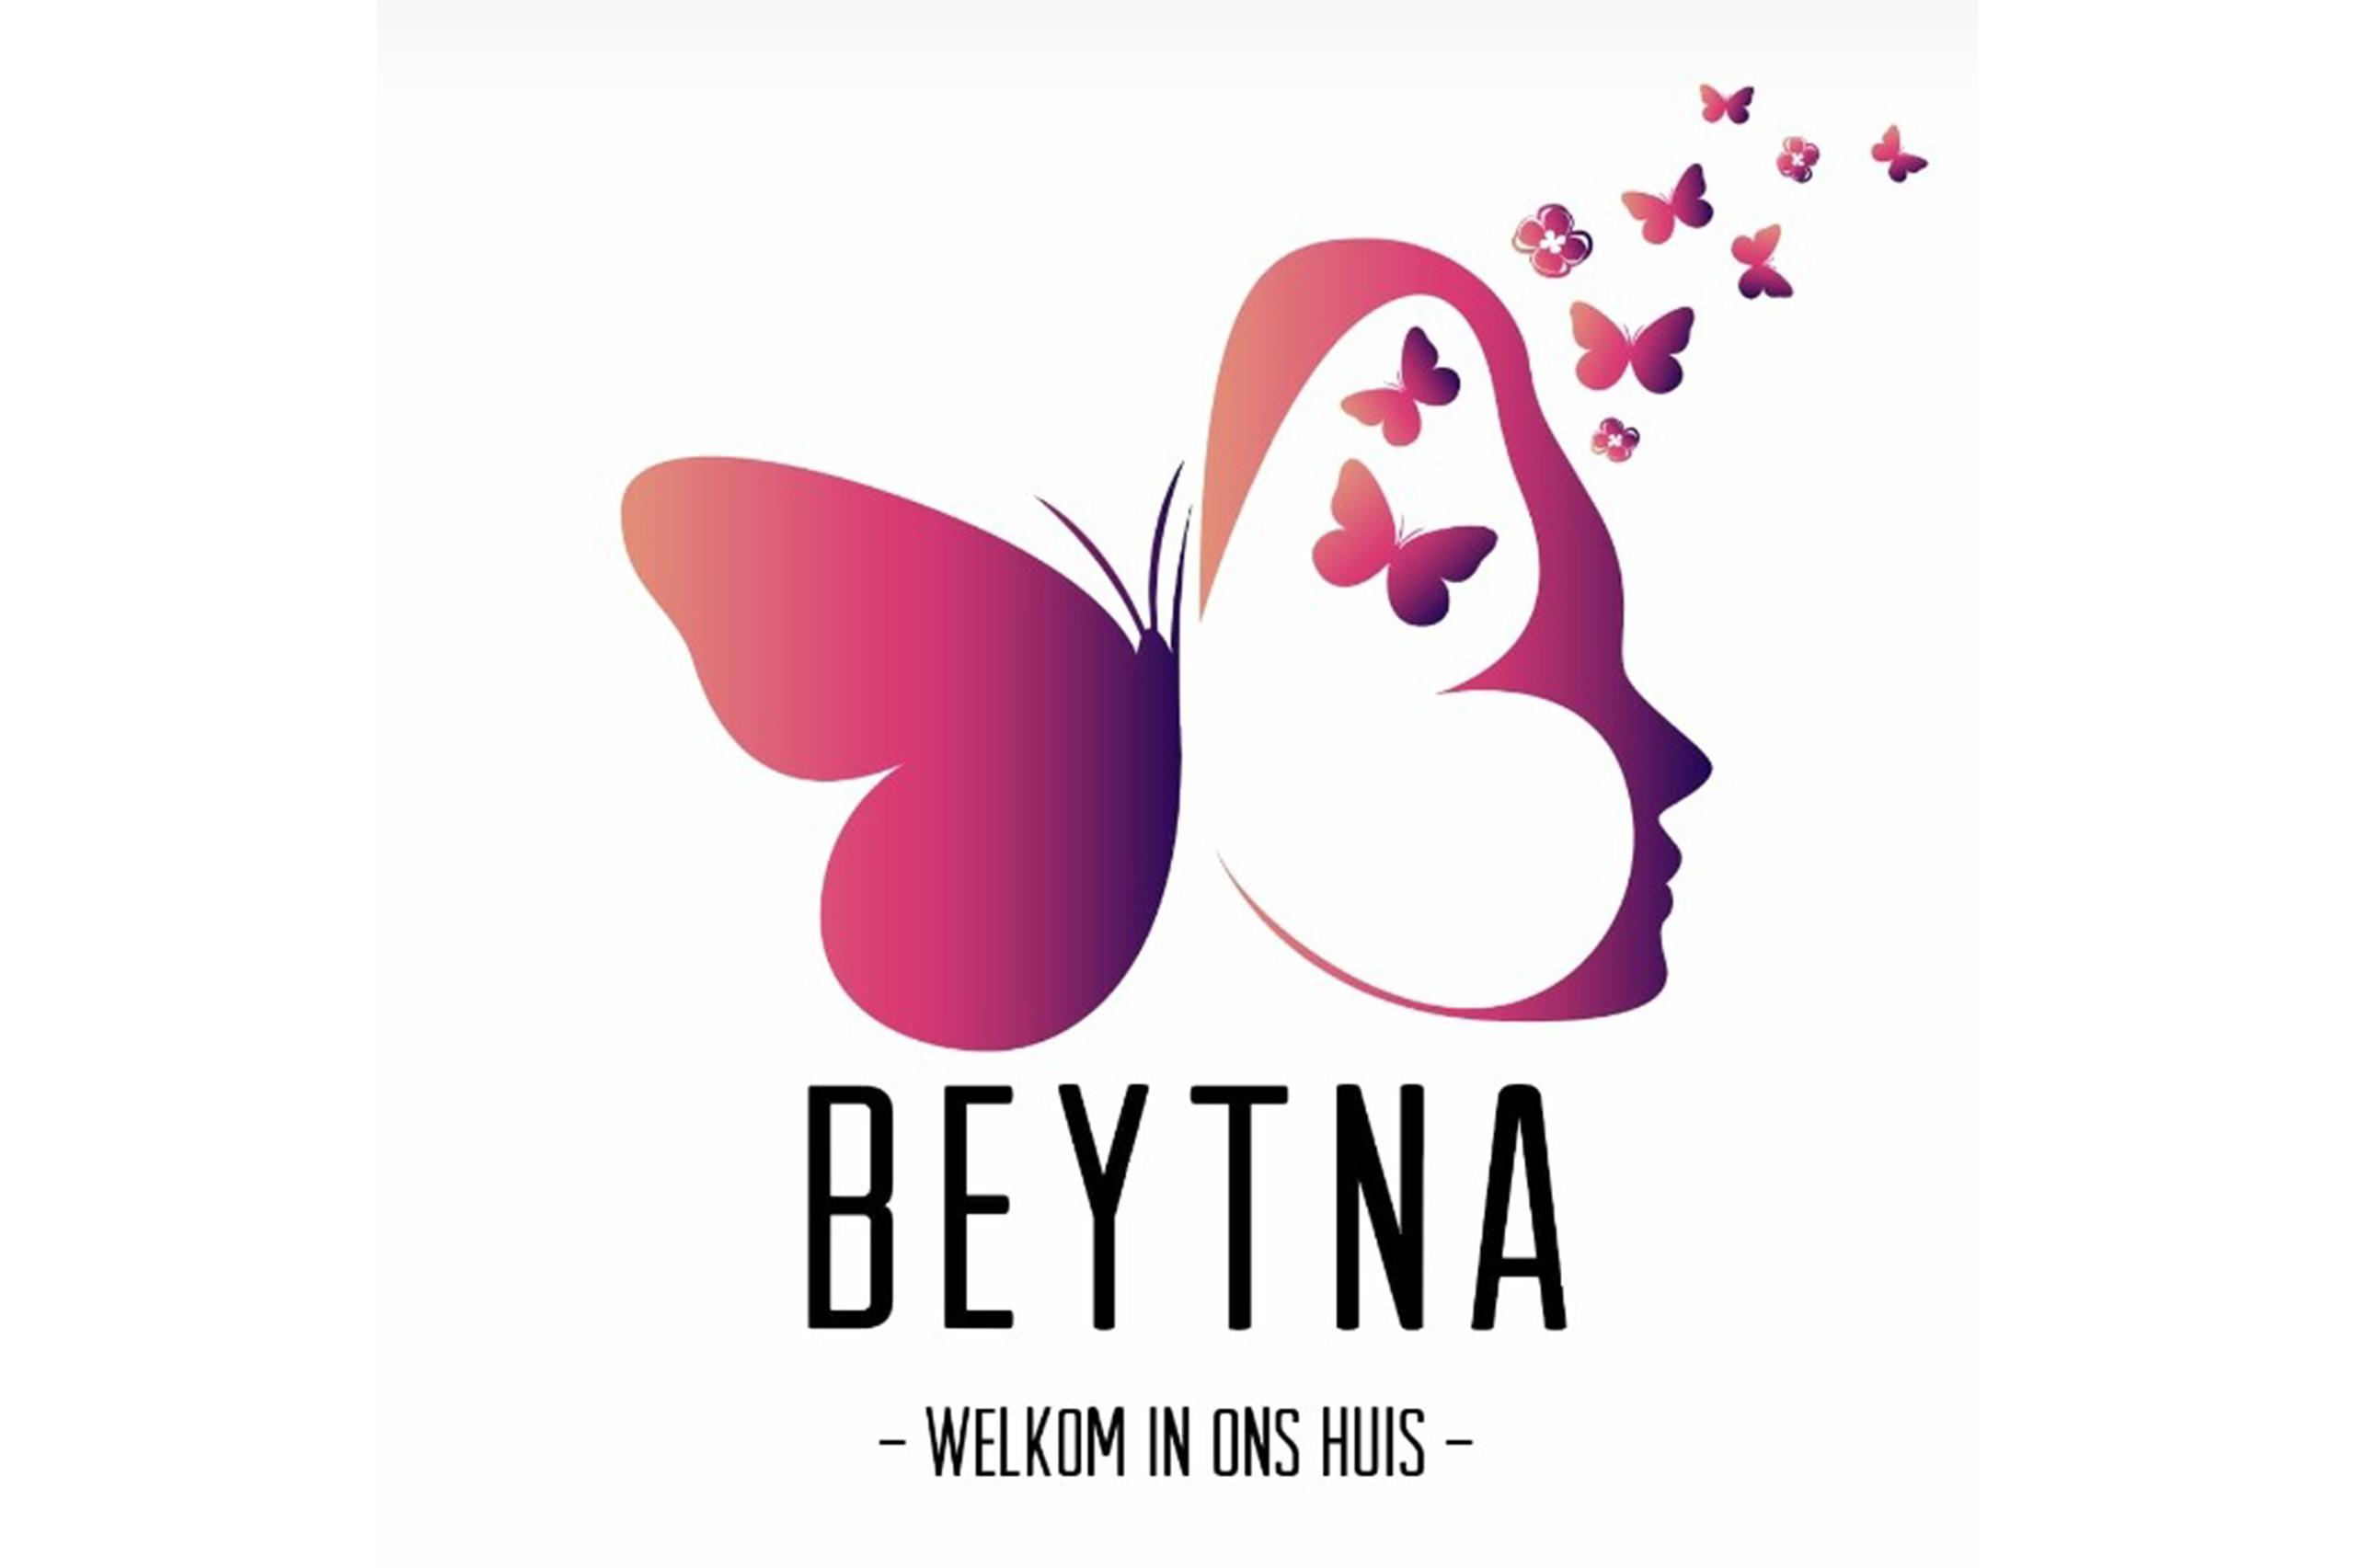 Beytna